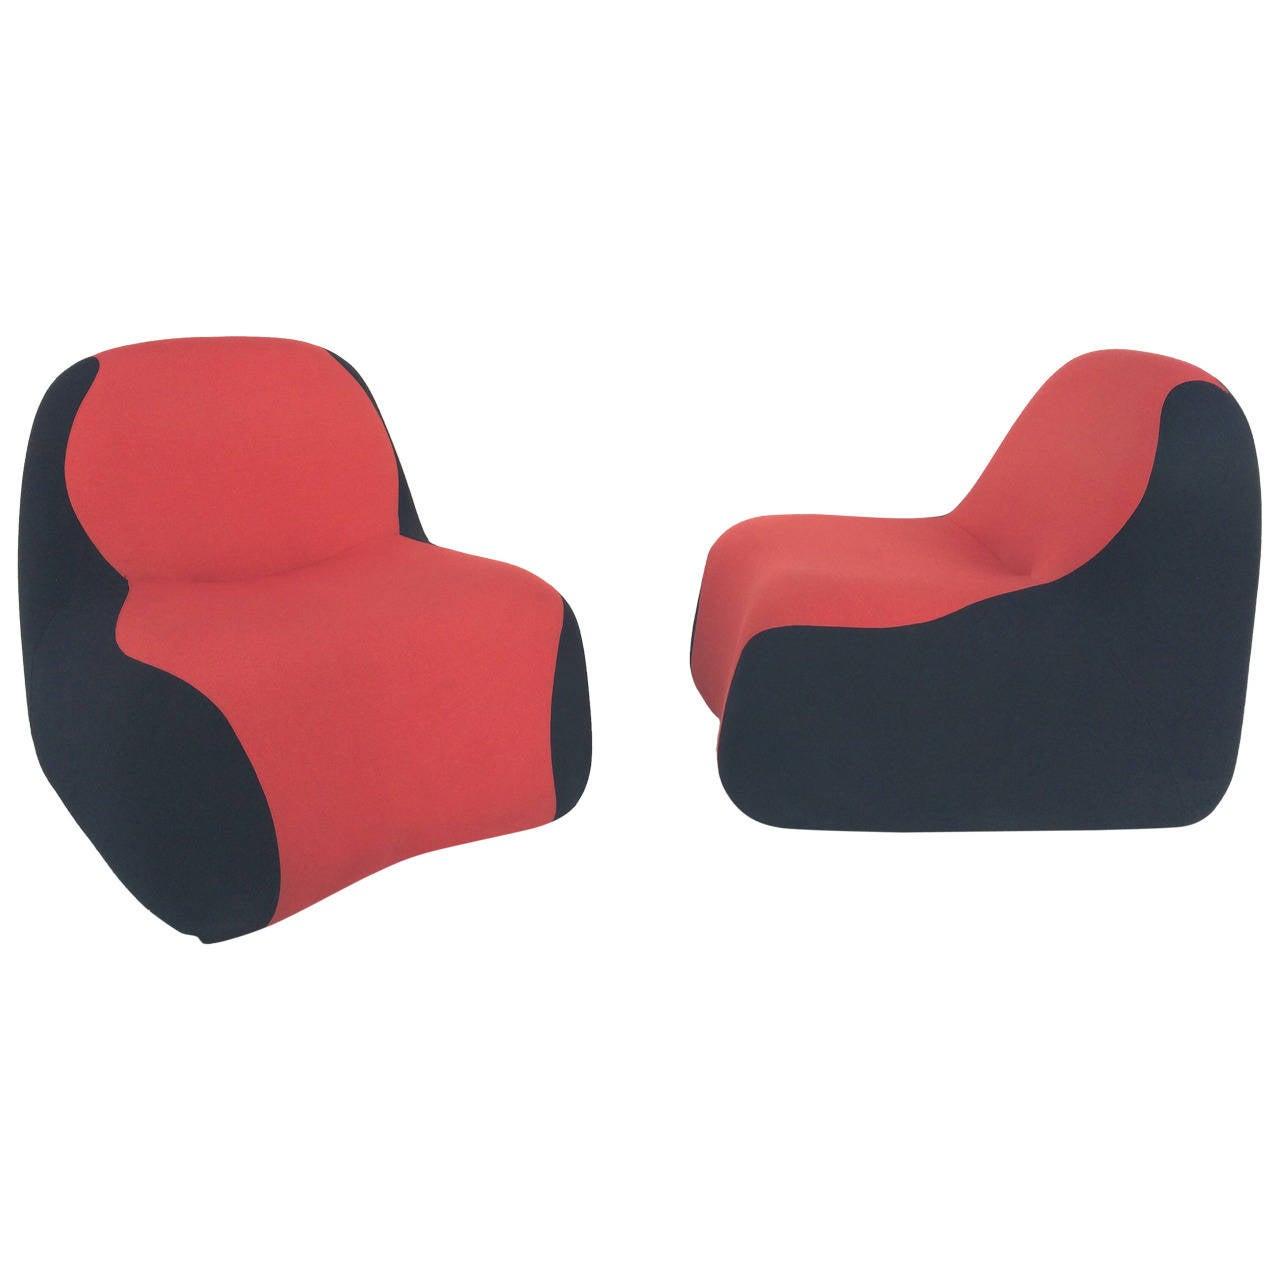 Karim Rashid Furniture Pair Of Blob Chairs Designed By Karim Rashid For Sale At 1stdibs